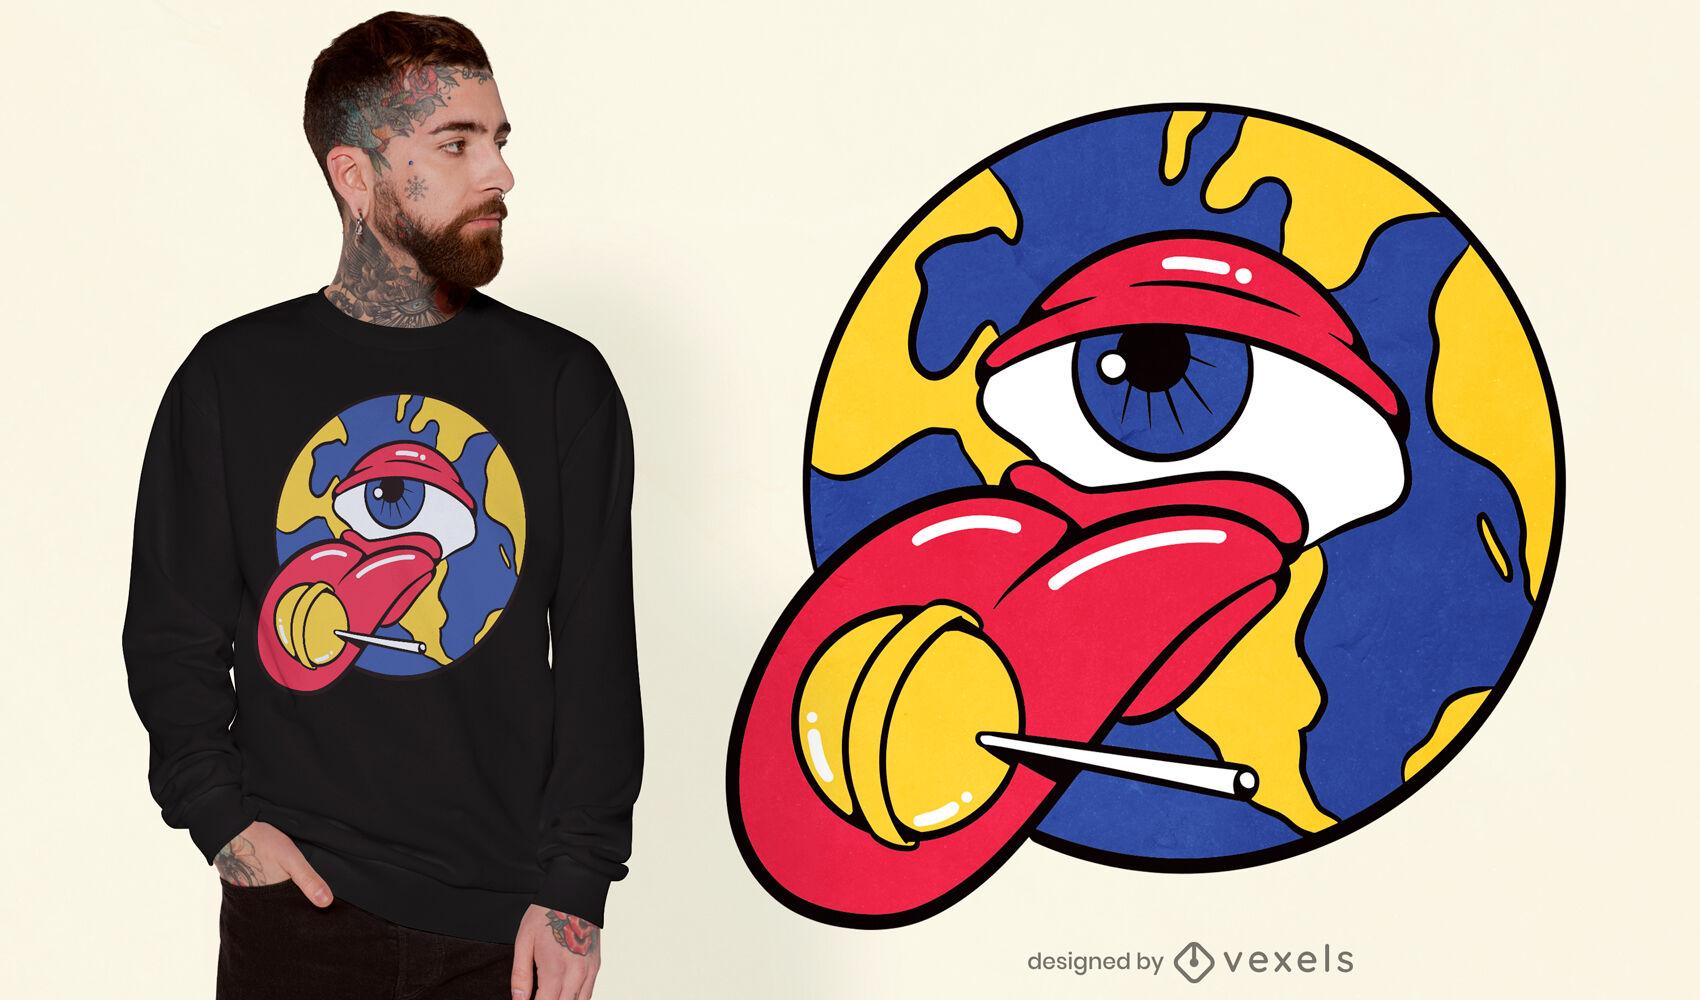 Globo ocular excêntrico com design de camiseta de pirulito